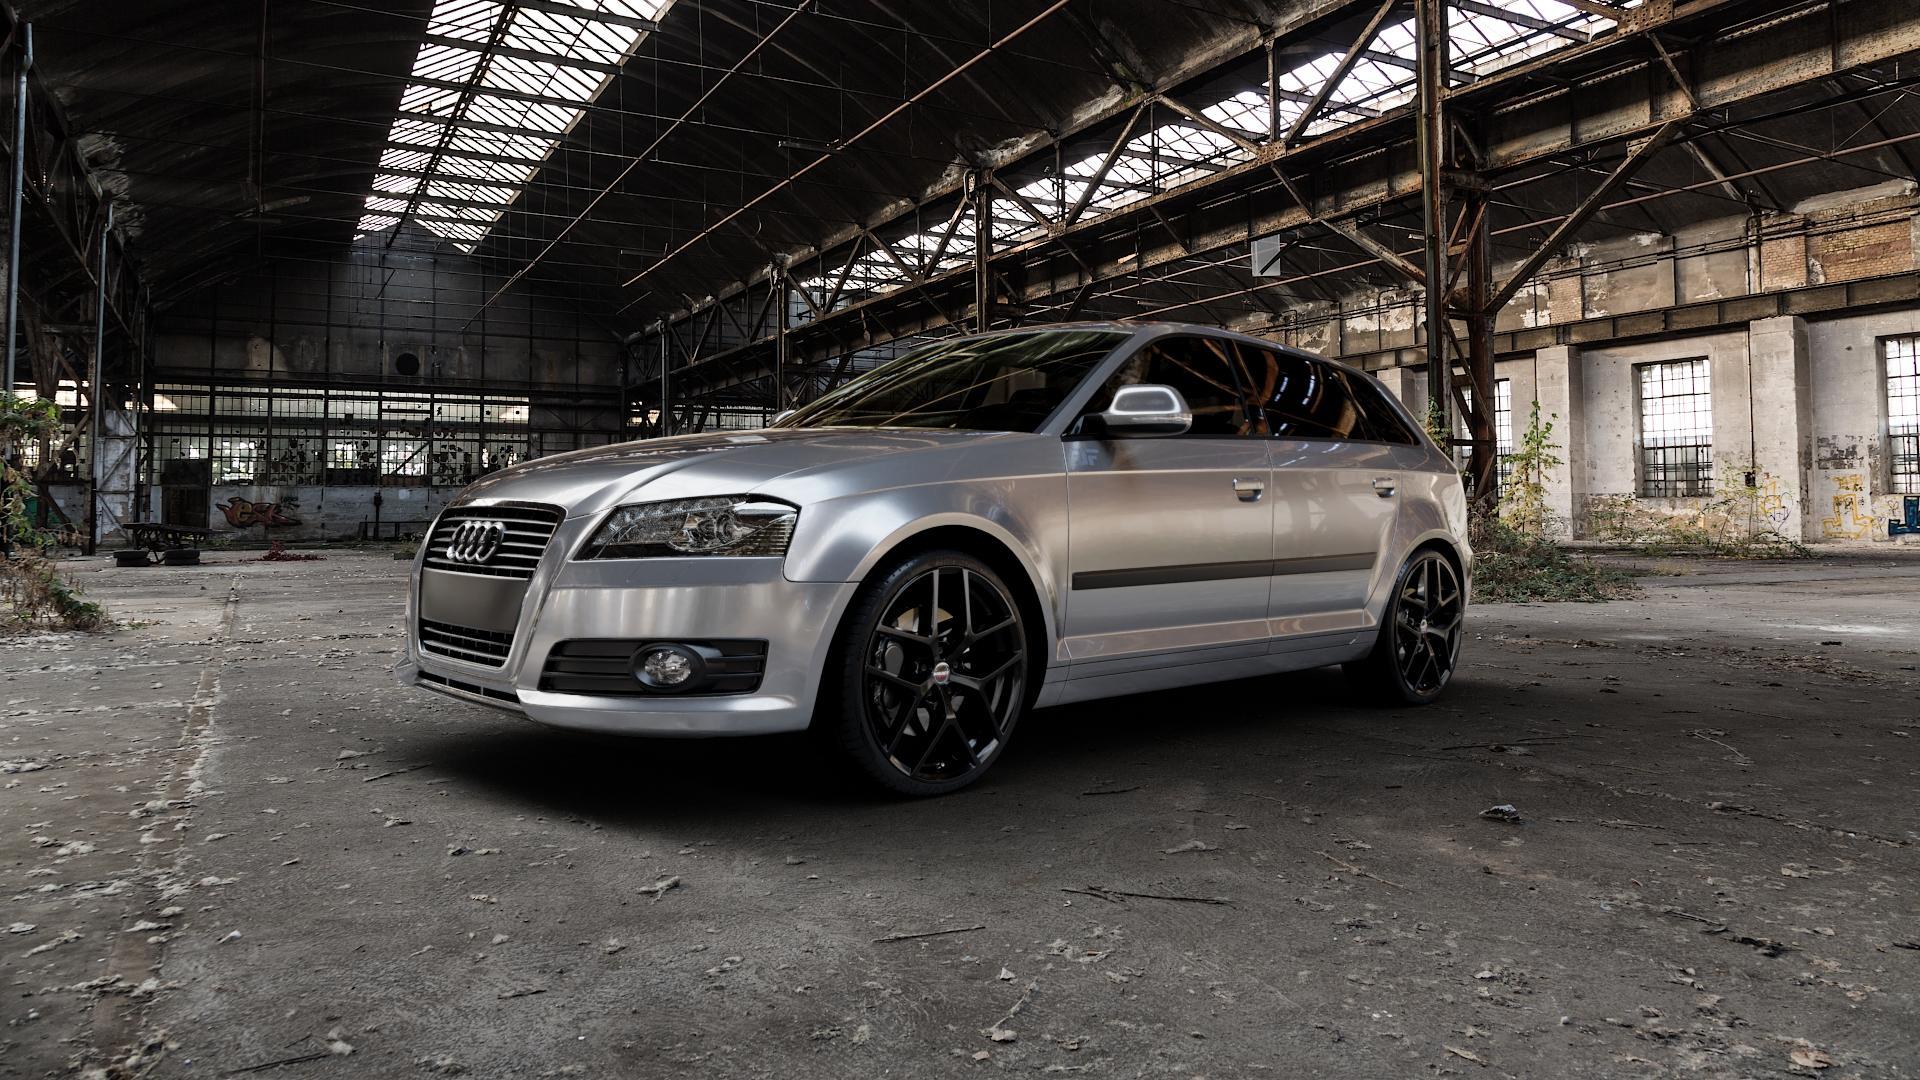 Borbet Y black glossy Felge mit Reifen schwarz in 19Zoll Winterfelge Alufelge auf silbernem Audi A3 Typ 8P (Sportback) 1,6l 75kW (102 PS) 2,0l FSI 110kW (150 1,9l TDI 77kW (105 103kW (140 TFSI 147kW (200 85kW (116 100kW (136 1,8l 118kW (160 125kW (170 1,4l 92kW (125 120kW (163 quattro 3,2l V6 184kW (250 S3 195kW (265 1,2l 66kW (90